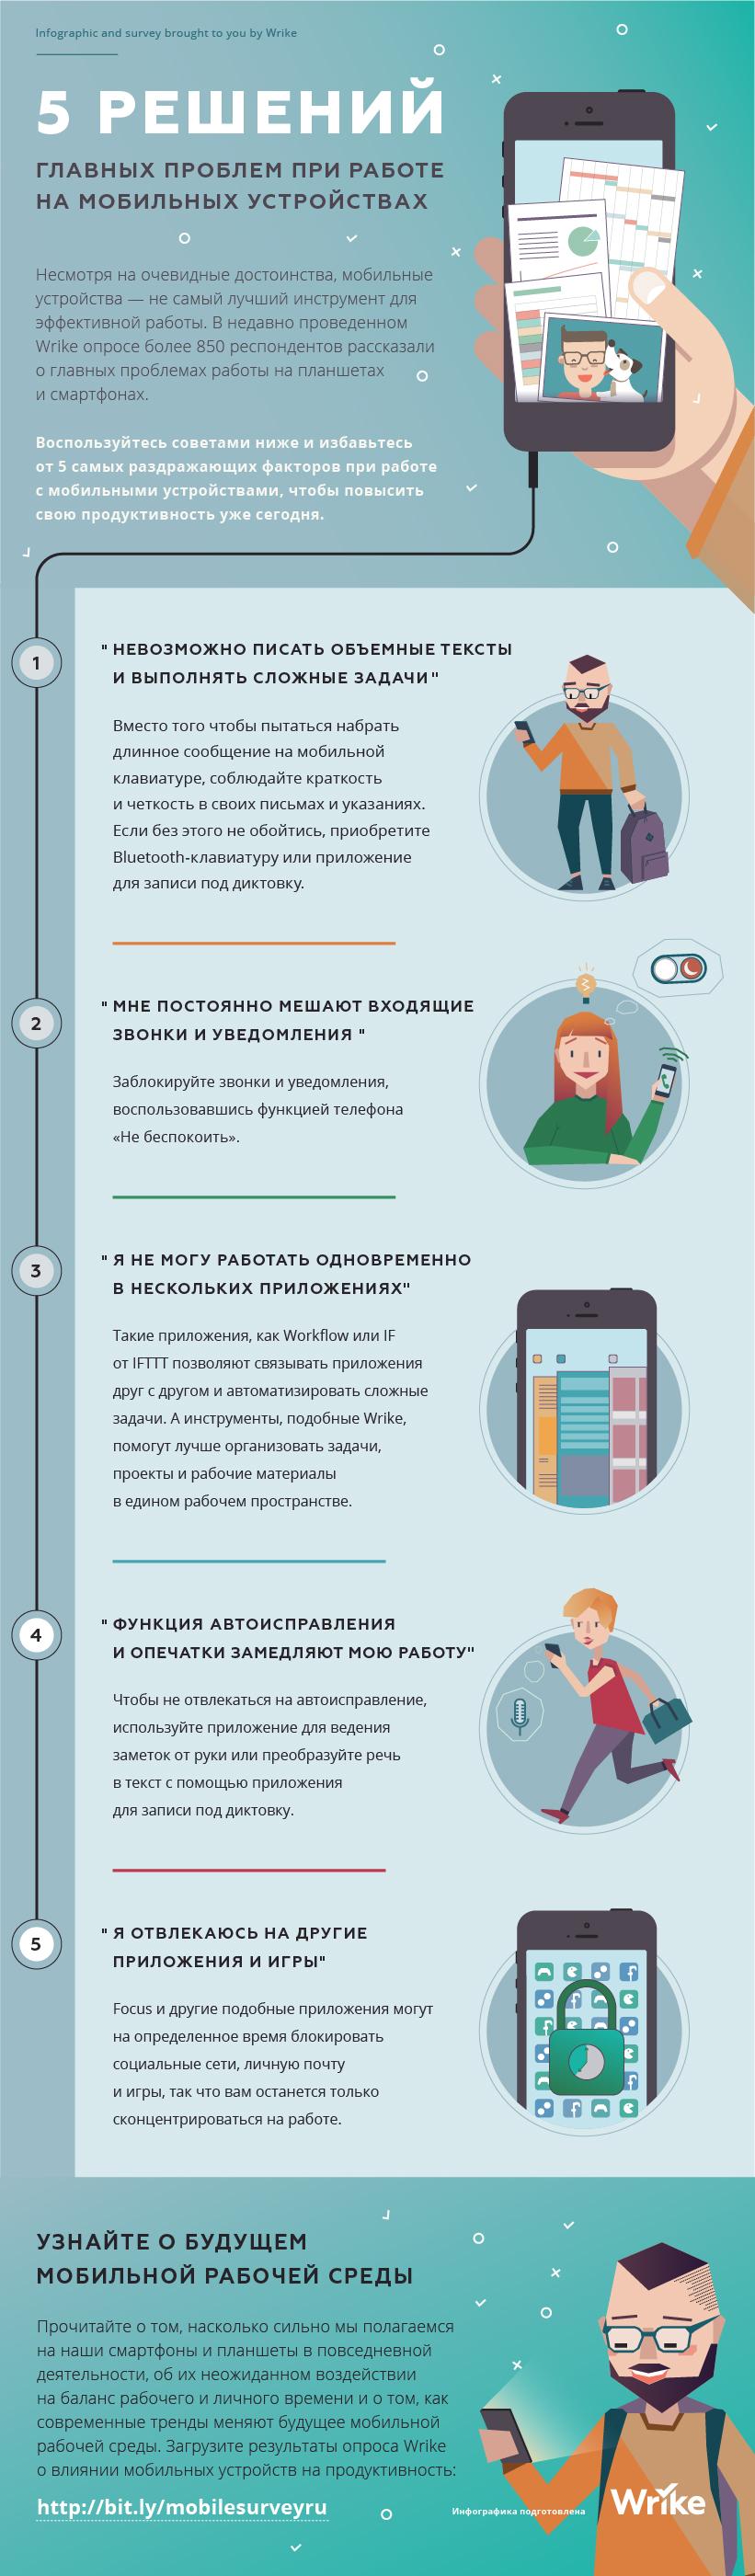 5 лекарств от головной боли при работе на мобильных устройствах (#инфографика)